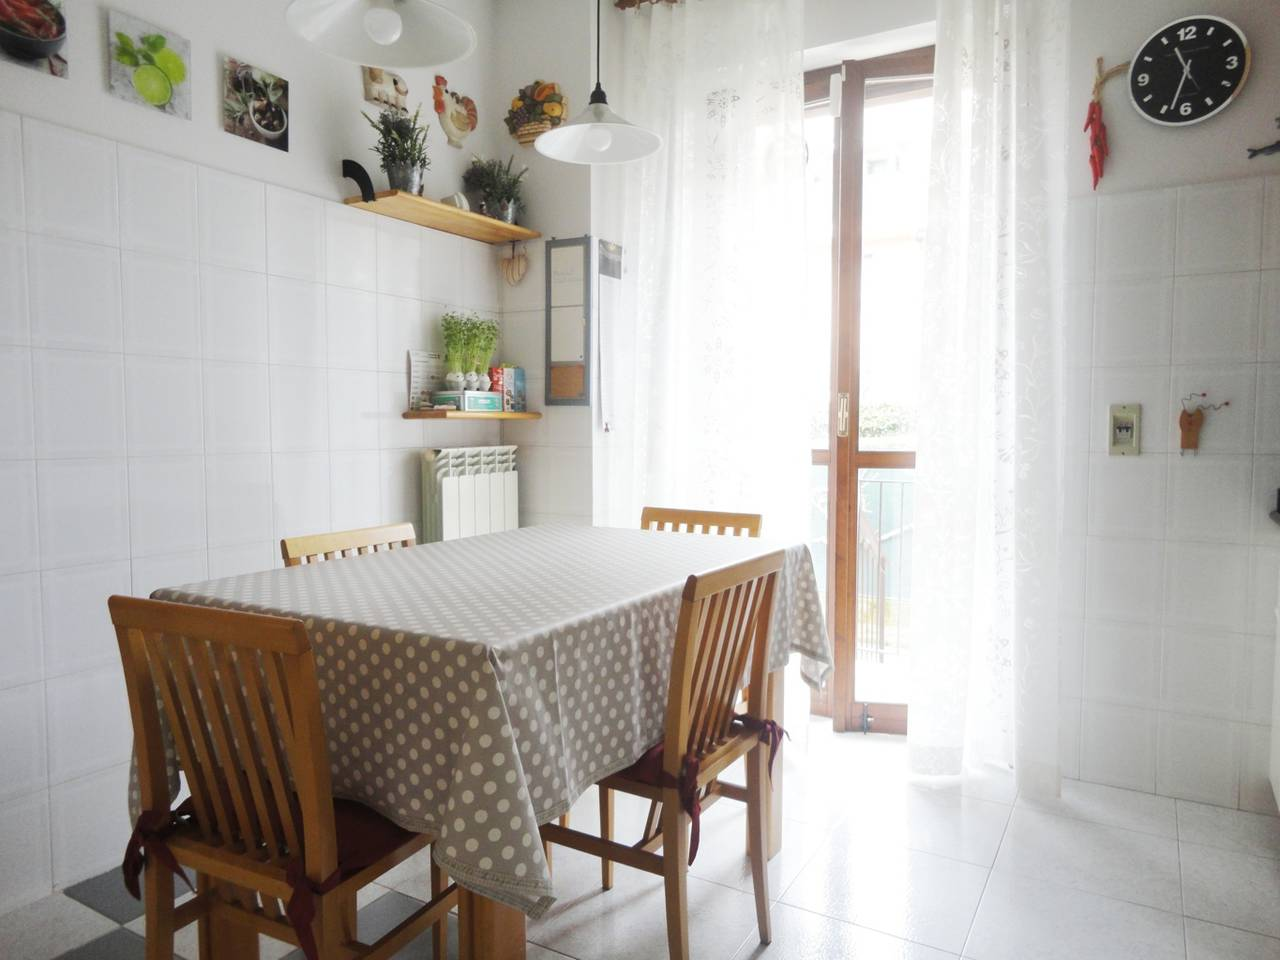 Villa-di-testa-con-giardino-in-vendita-a-Cavenago-Brianza-5